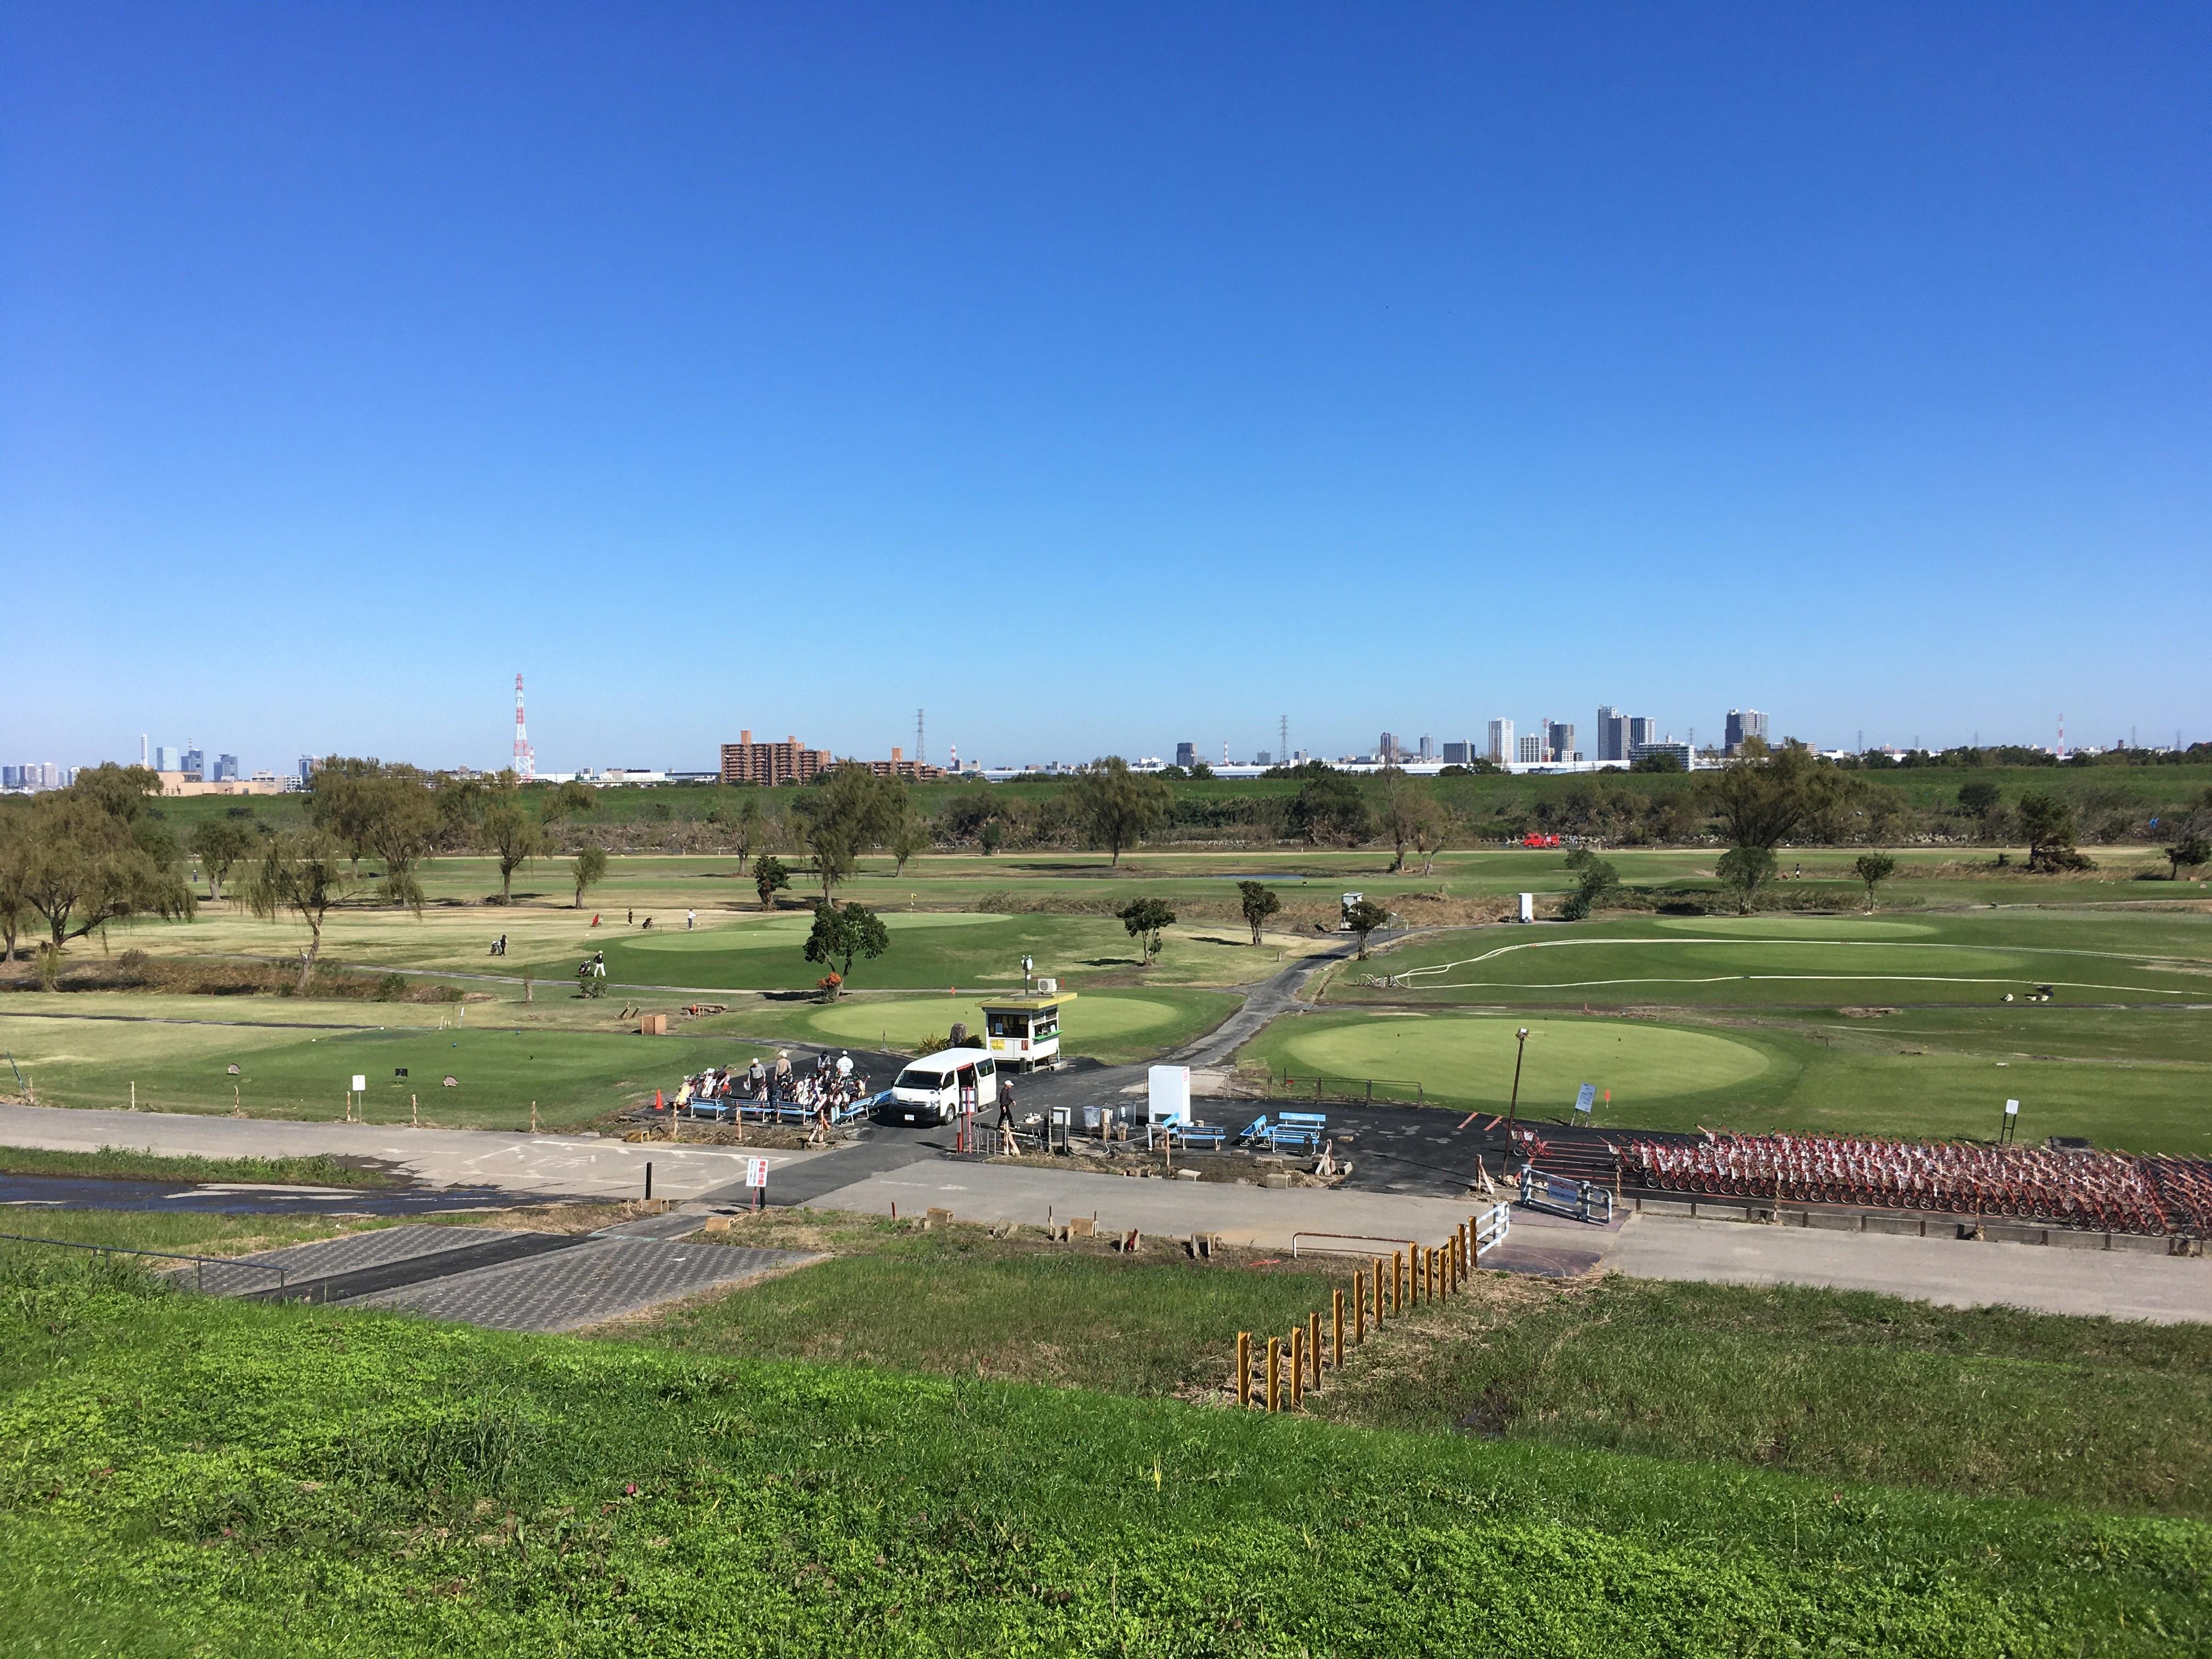 荒川右岸(堤防遊歩道)から朝霞パブリックゴルフ場眺める